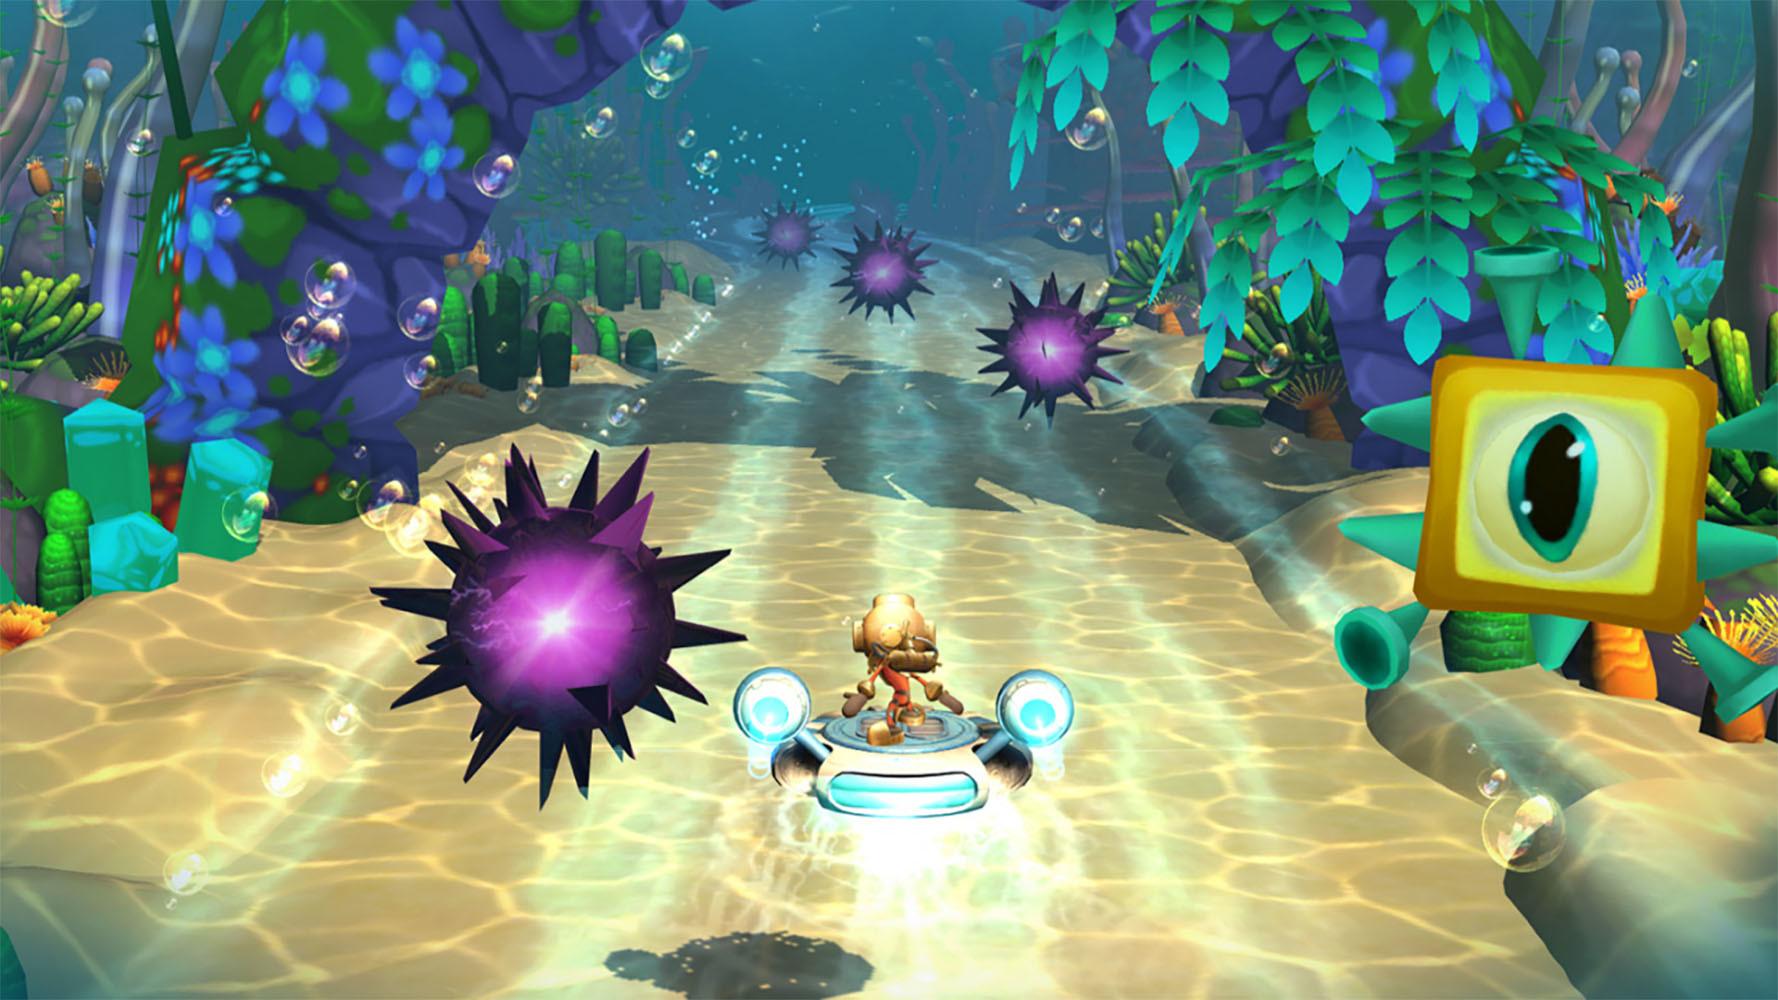 videojuego EndeavourRX de Akili